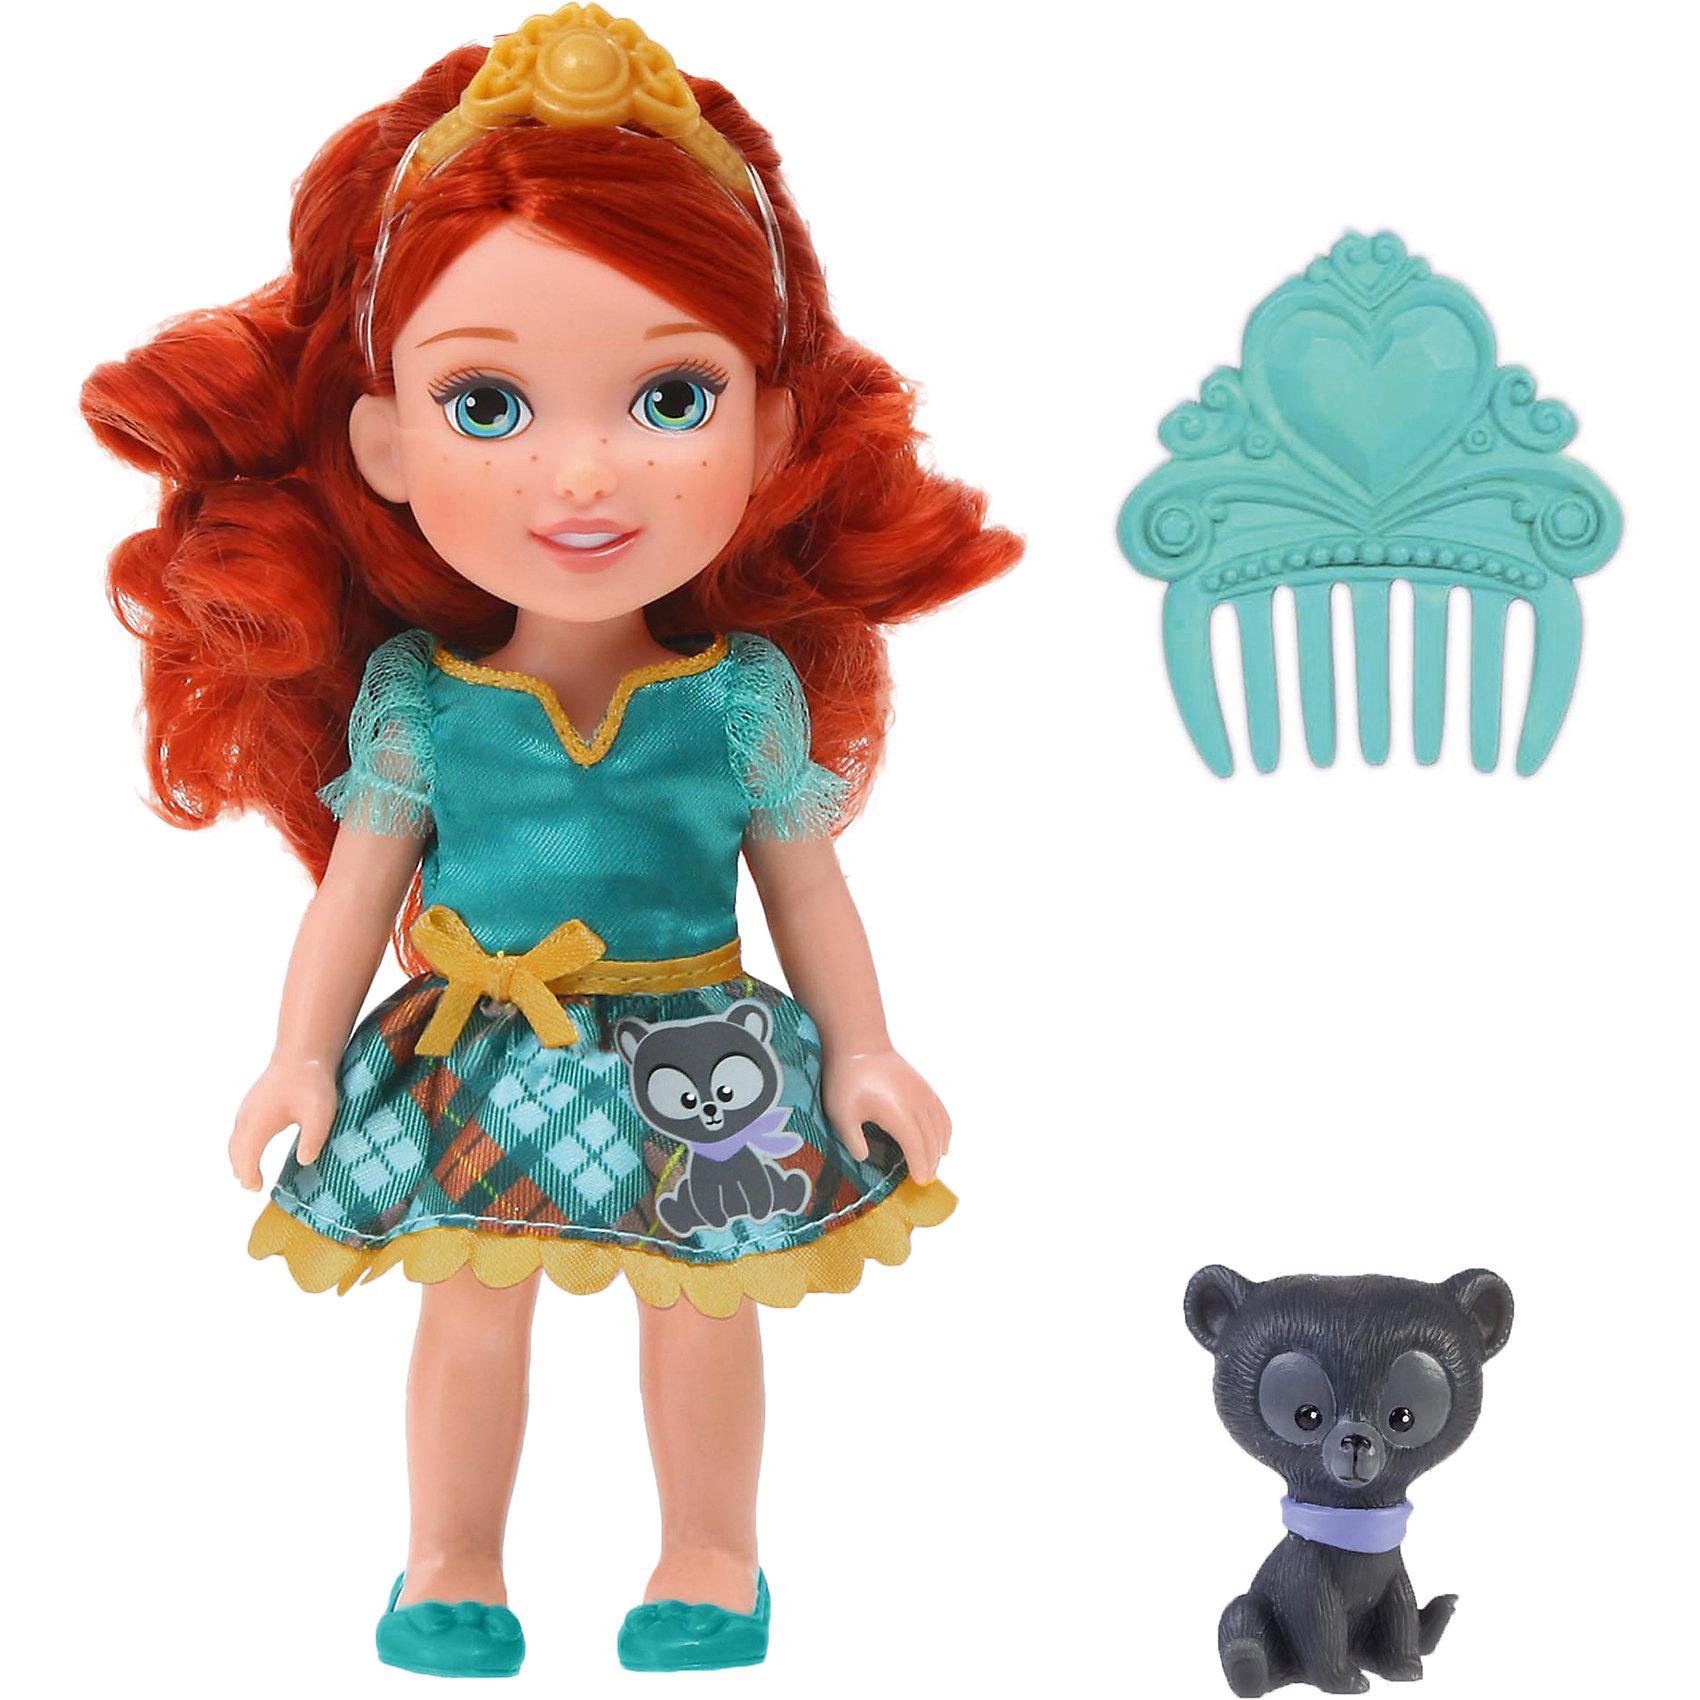 Кукла  Малышка с питомцем: Мерида, 15 см, Disney PrincessИгрушки<br>Кукла  Малышка с питомцем: Мерида, 15 см, Disney Princess – эта маленькая принцесса станет отличным подарком для девочки!<br>Кукла Disney Малышка с питомцем: Мерида непременно приведет в восторг вашу дочурку и обязательно станет ее любимой игрушкой. Кукла одета в нарядное платье юбочка, которого украшена аппликацией в виде медвежонка. На голове Мериды тиара.  Волосы мягкие на ощупь, их можно заплетать и укладывать в различные прически. Глазки куклы выполнены по особой запатентованной технологии - линзы делают их яркими и живыми. Милую очаровательную малышку с выразительным личиком сопровождает ее любимый питомец, готовый встать на защиту в сложной ситуации. Благодаря играм с куклой, ваша девочка сможет развить фантазию и любознательность, овладеть навыками общения и научиться ответственности.<br><br>Дополнительная информация:<br><br>- В комплекте: кукла, питомец, гребешок<br>- Высота куклы: 15 см.<br>- Материал: пластик, текстиль<br><br>Куклу  Малышка с питомцем: Мерида, 15 см, Disney Princess можно купить в нашем интернет-магазине.<br><br>Ширина мм: 140<br>Глубина мм: 195<br>Высота мм: 60<br>Вес г: 201<br>Возраст от месяцев: 36<br>Возраст до месяцев: 84<br>Пол: Женский<br>Возраст: Детский<br>SKU: 4401534